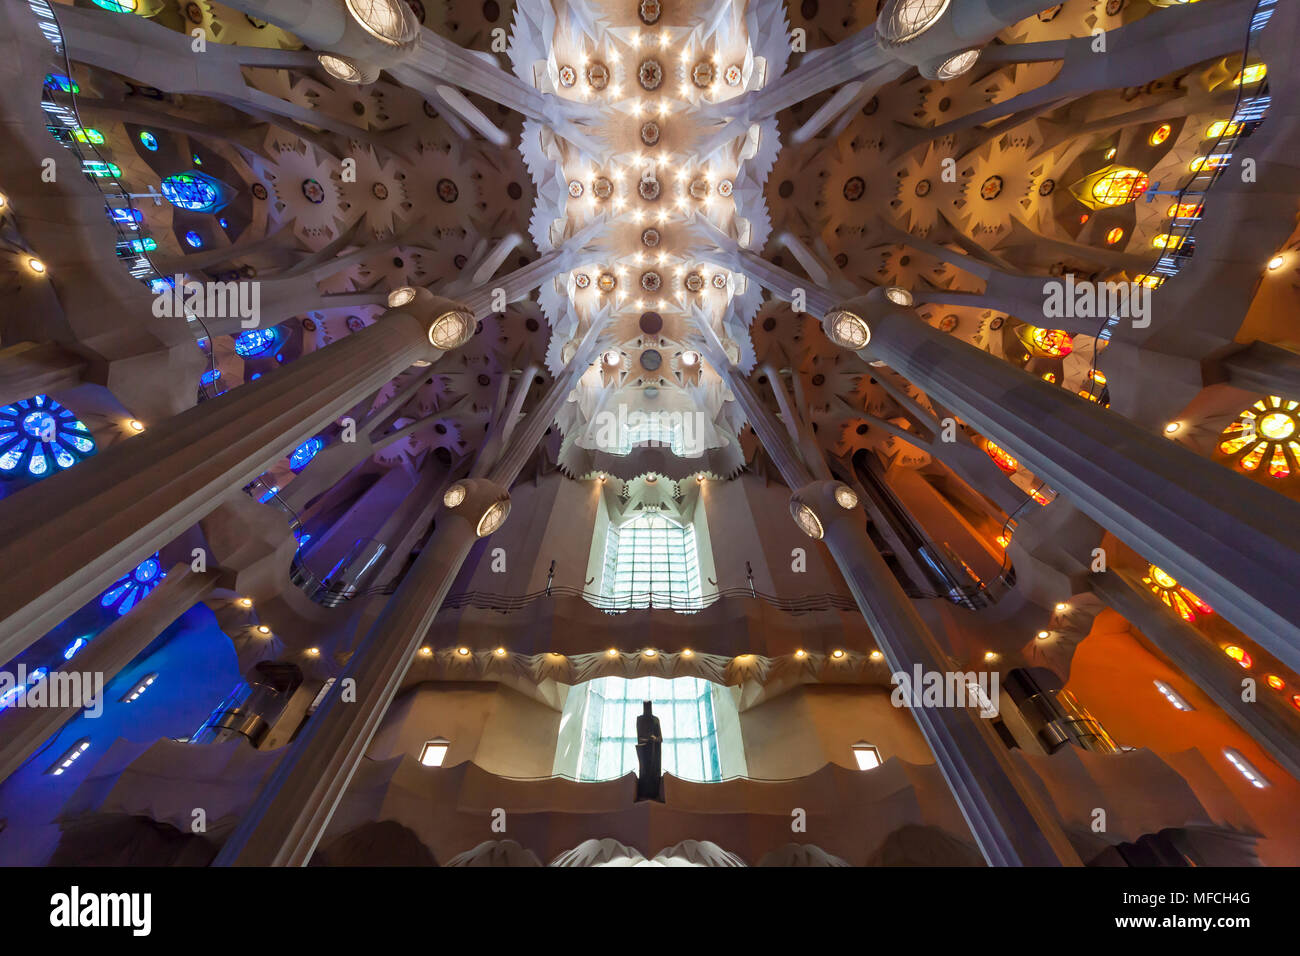 The Basílica i Temple Expiatori de la Sagrada Família is a large unfinished Roman Catholic church in Barcelona. - Stock Image